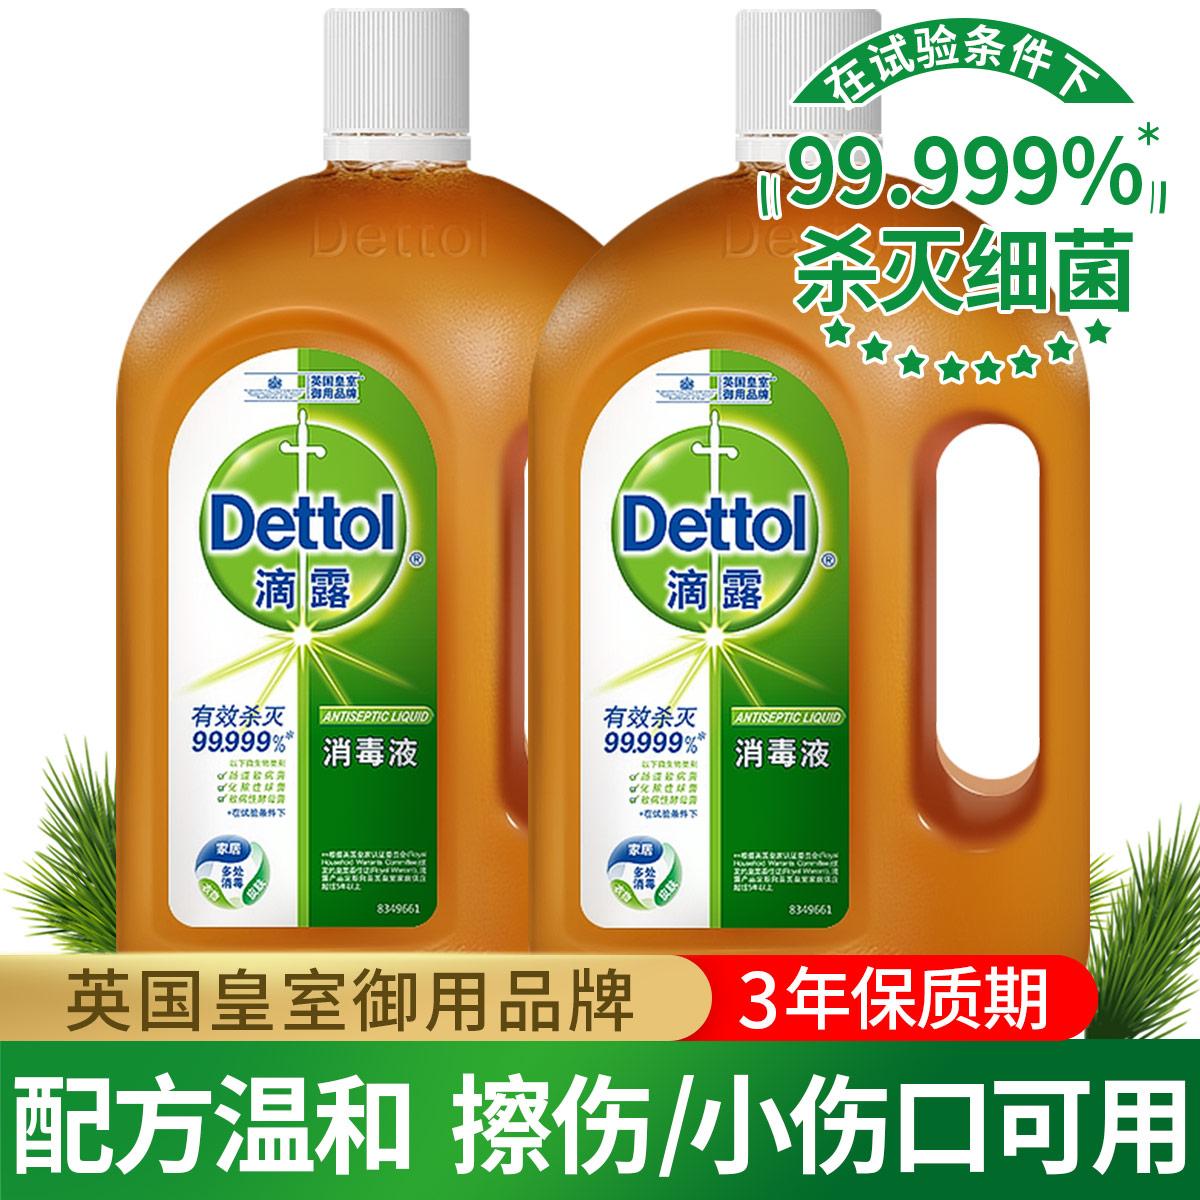 Dettol 【杀菌99.999%】滴露消毒液1.8L*2多用途家用 皮肤伤口 衣物居家